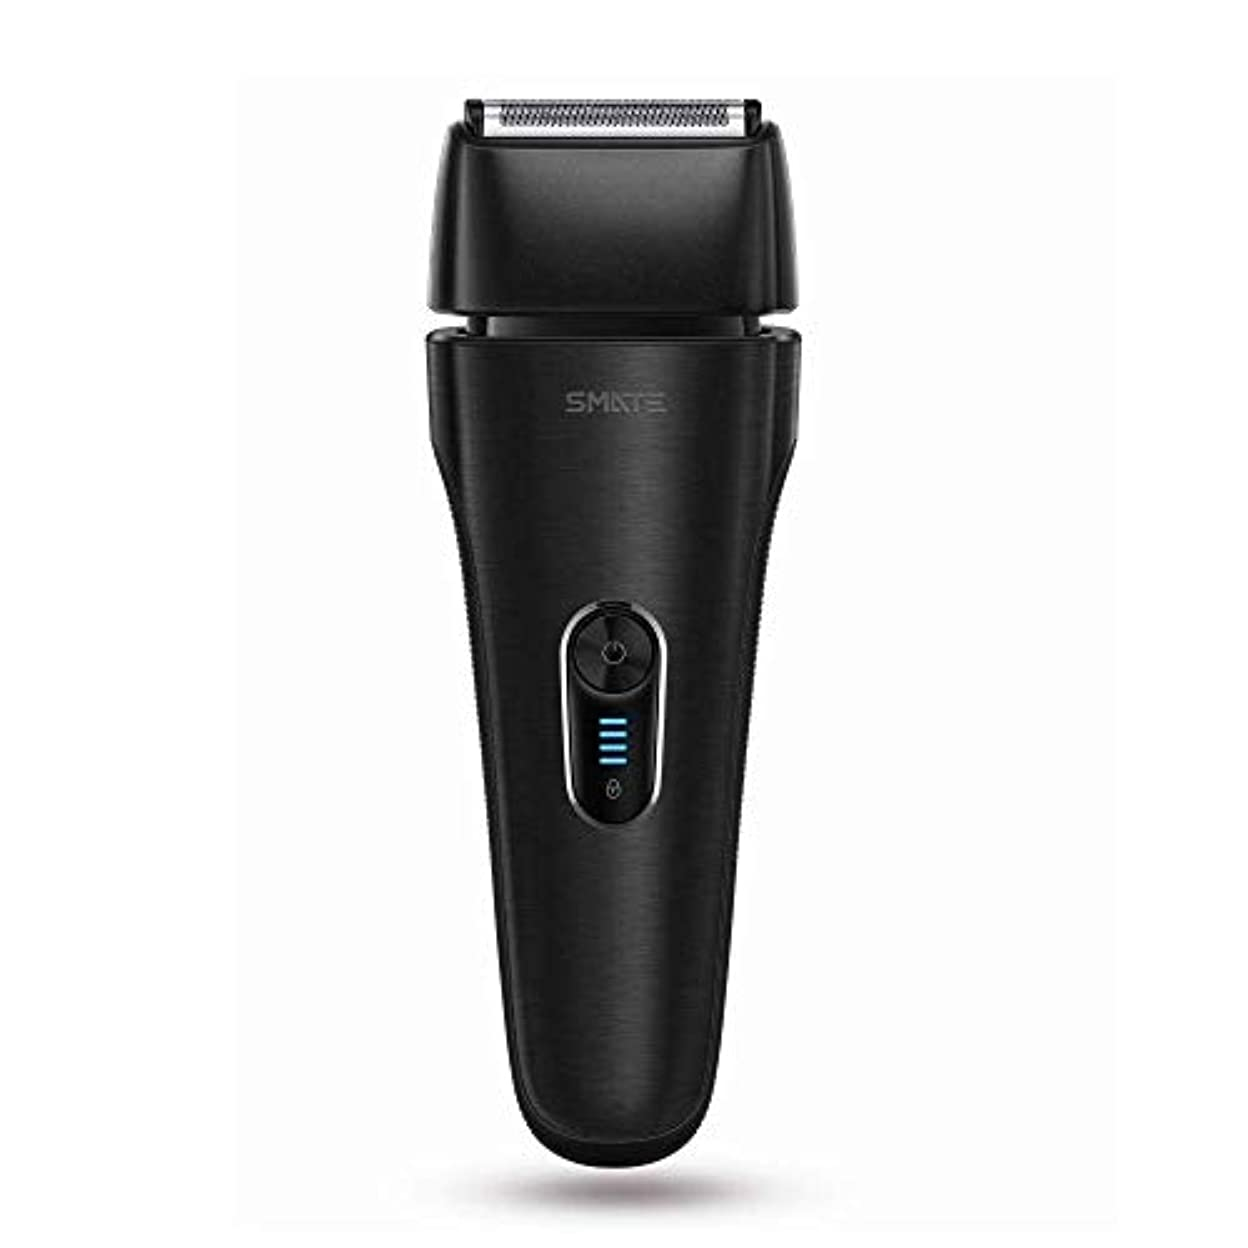 ミルクパンチSMATE ひげそり メンズ電気シェーパー 四枚刃往復式 USB充電式 電動髭剃り 水洗い可 お風呂剃り可 乾湿両用 持ち運び便利-ブラック